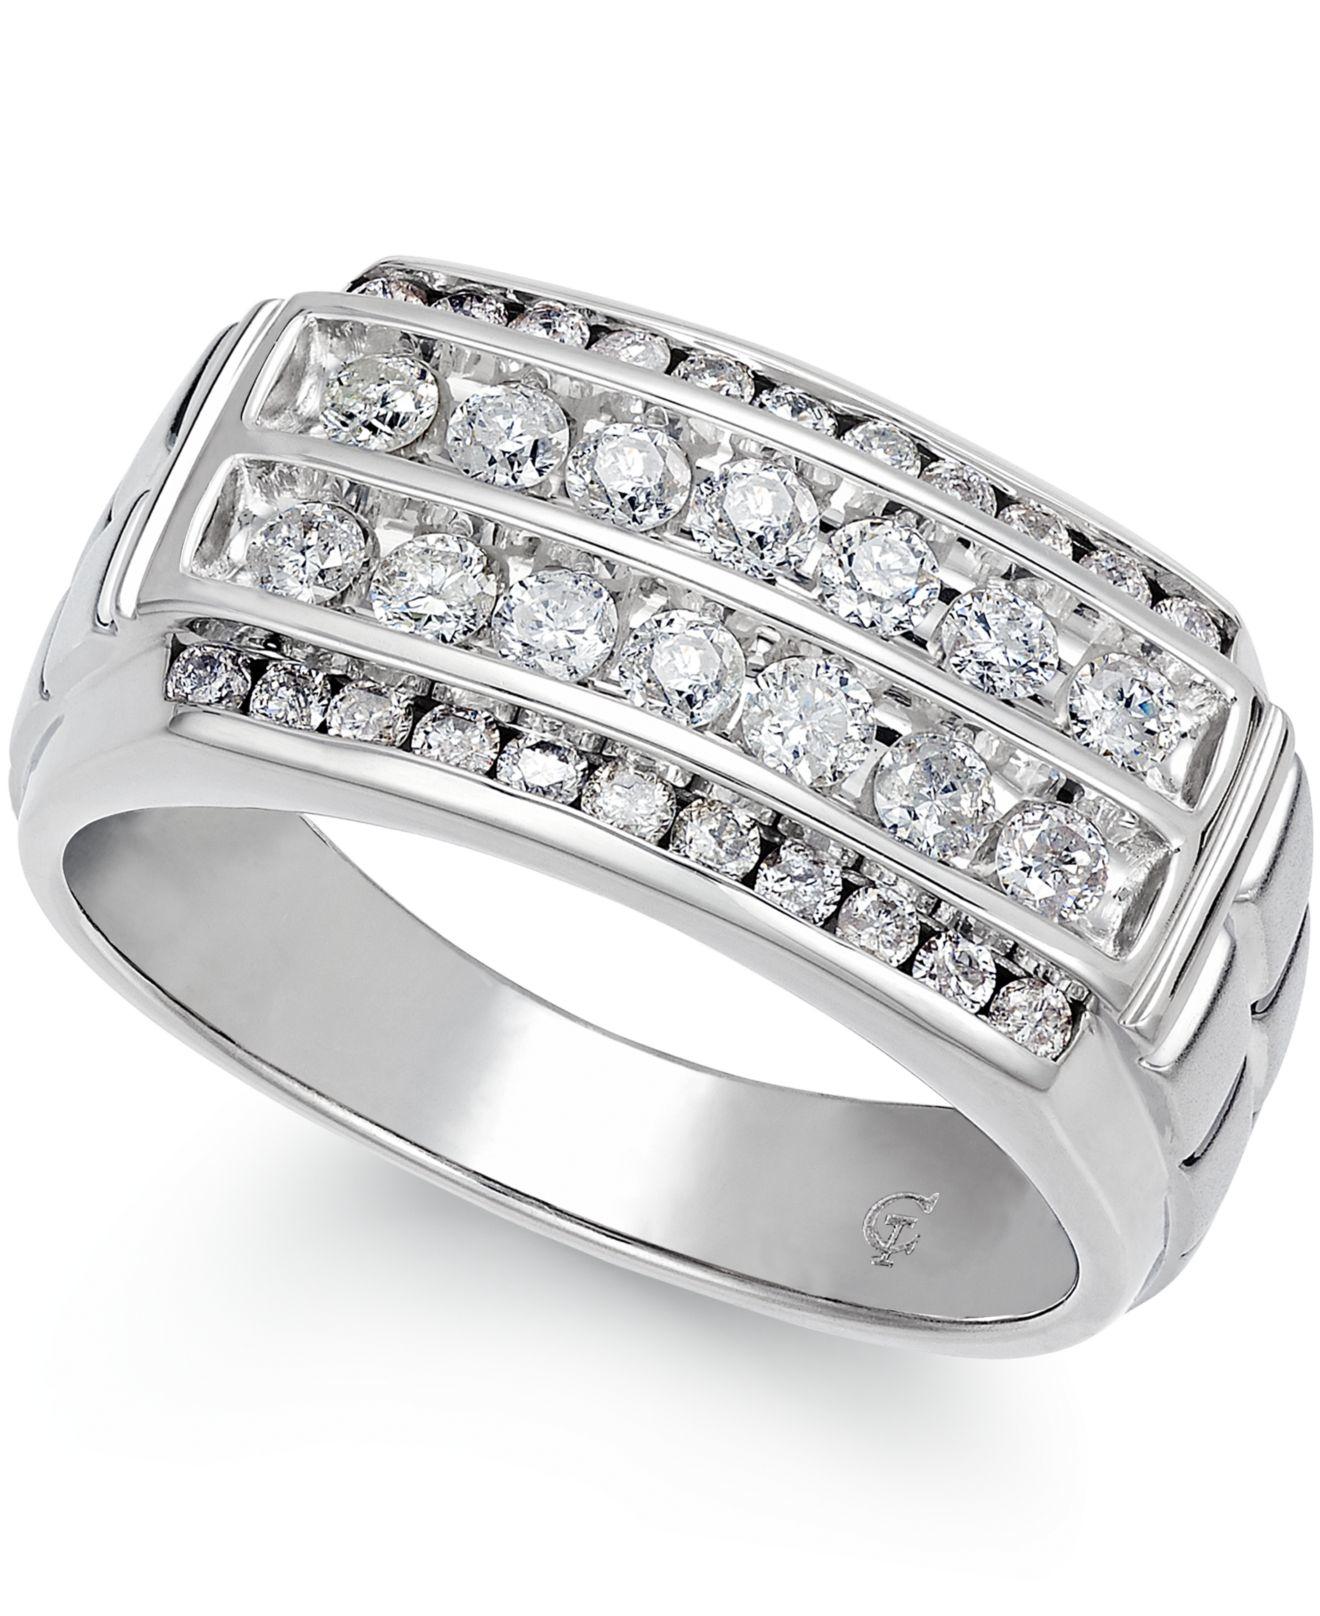 Macys Mens Wedding Rings: Macy's Men's Diamond Ring (1 Ct. T.w.) In 10k White Gold